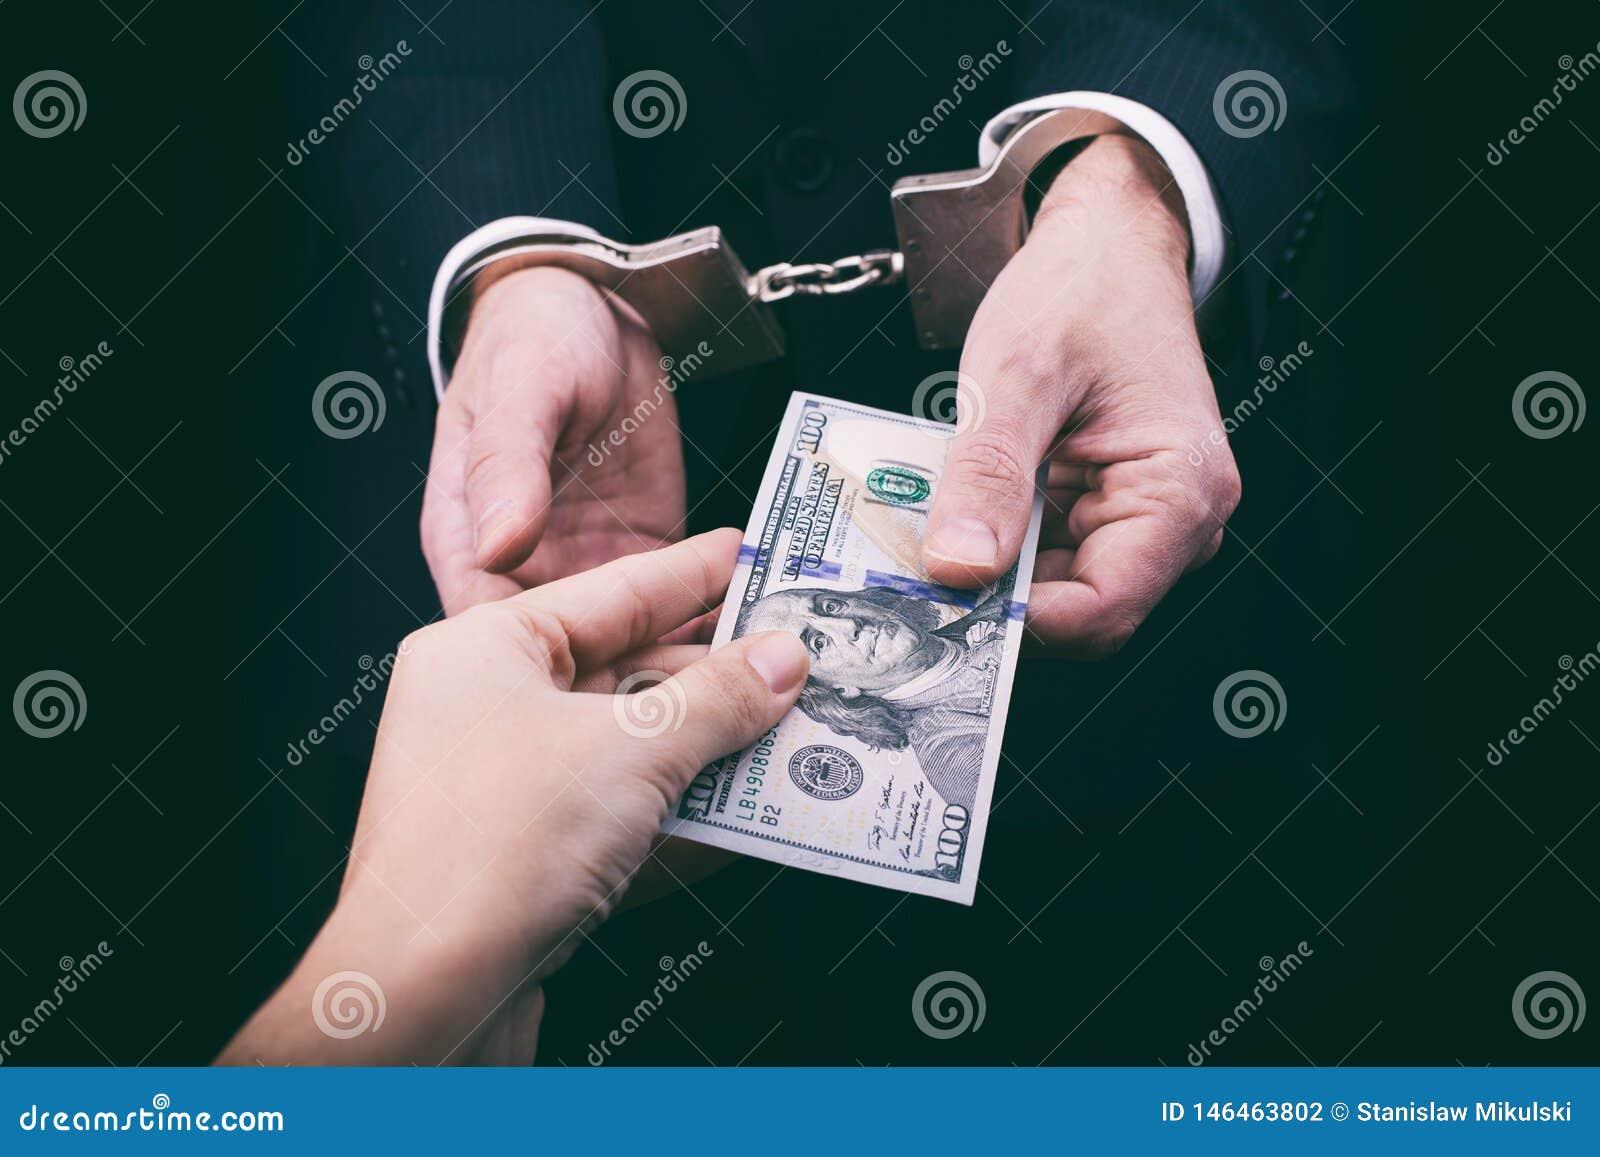 Бизнесмен в наручниках давая взятку